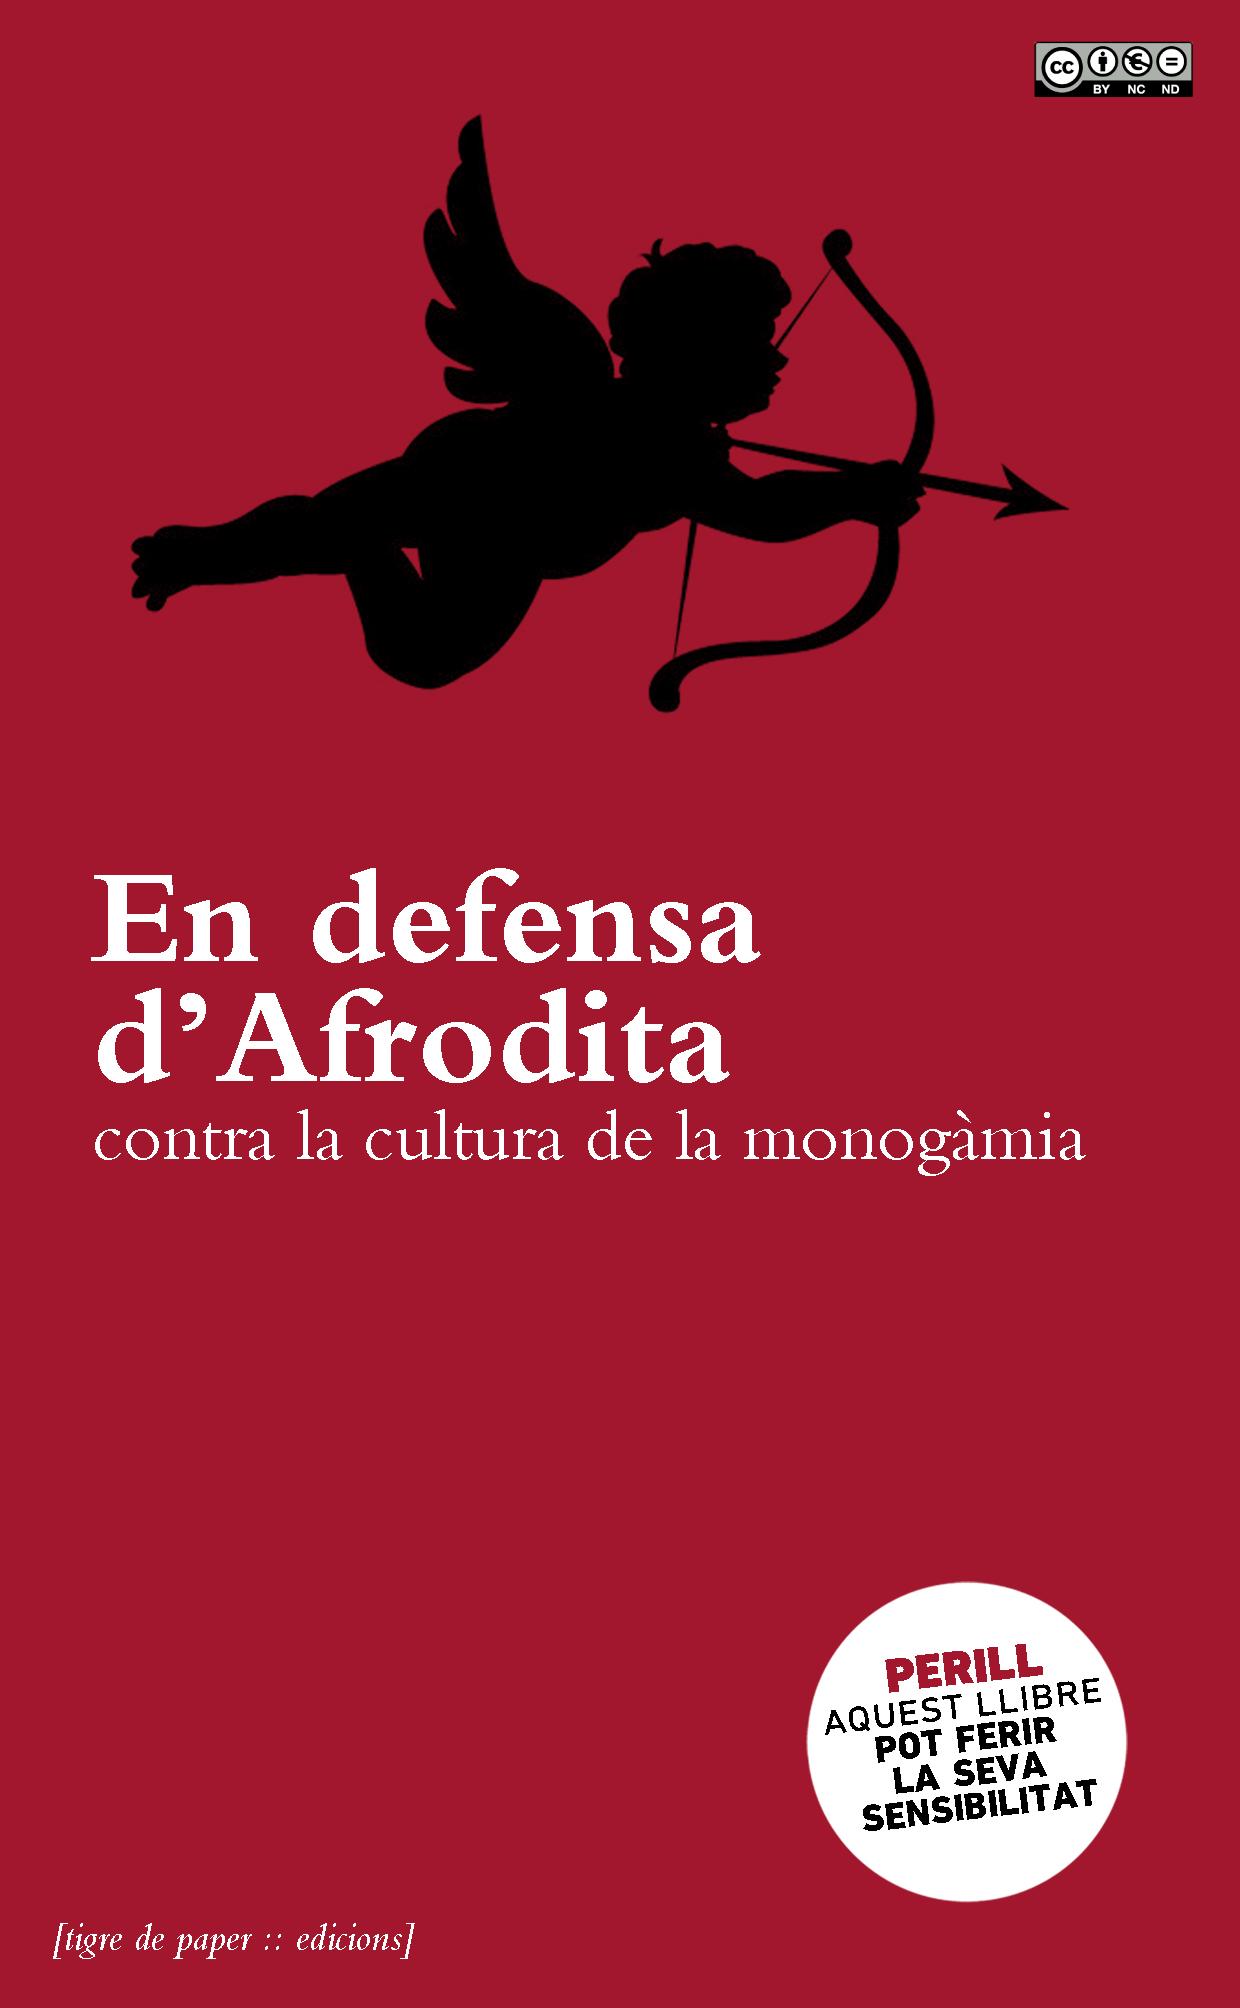 En defensa d'Afrodita contra la cultura de la monogàmia.